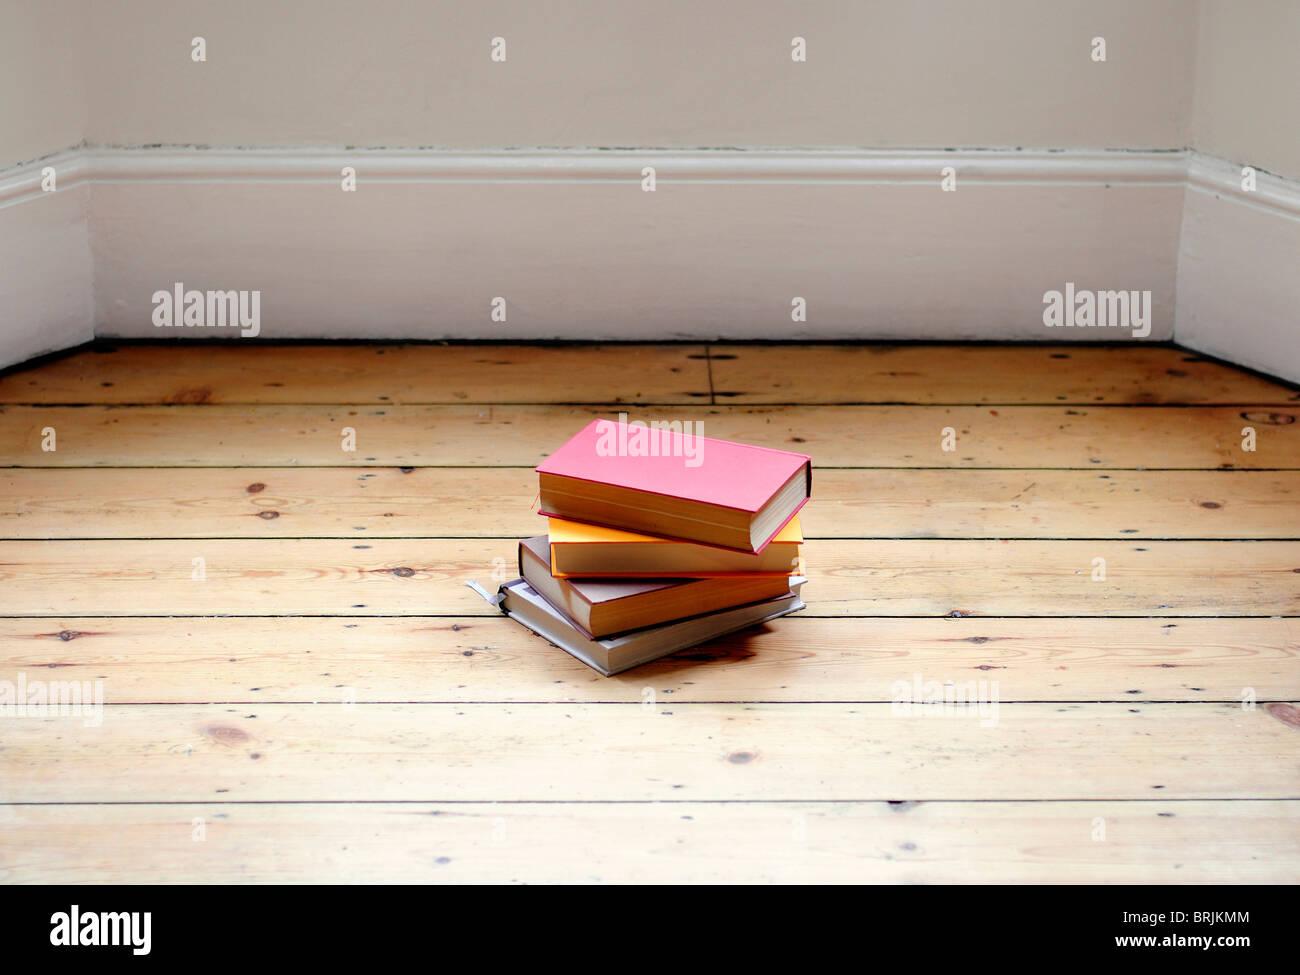 Libros apilados en el suelo de madera Imagen De Stock